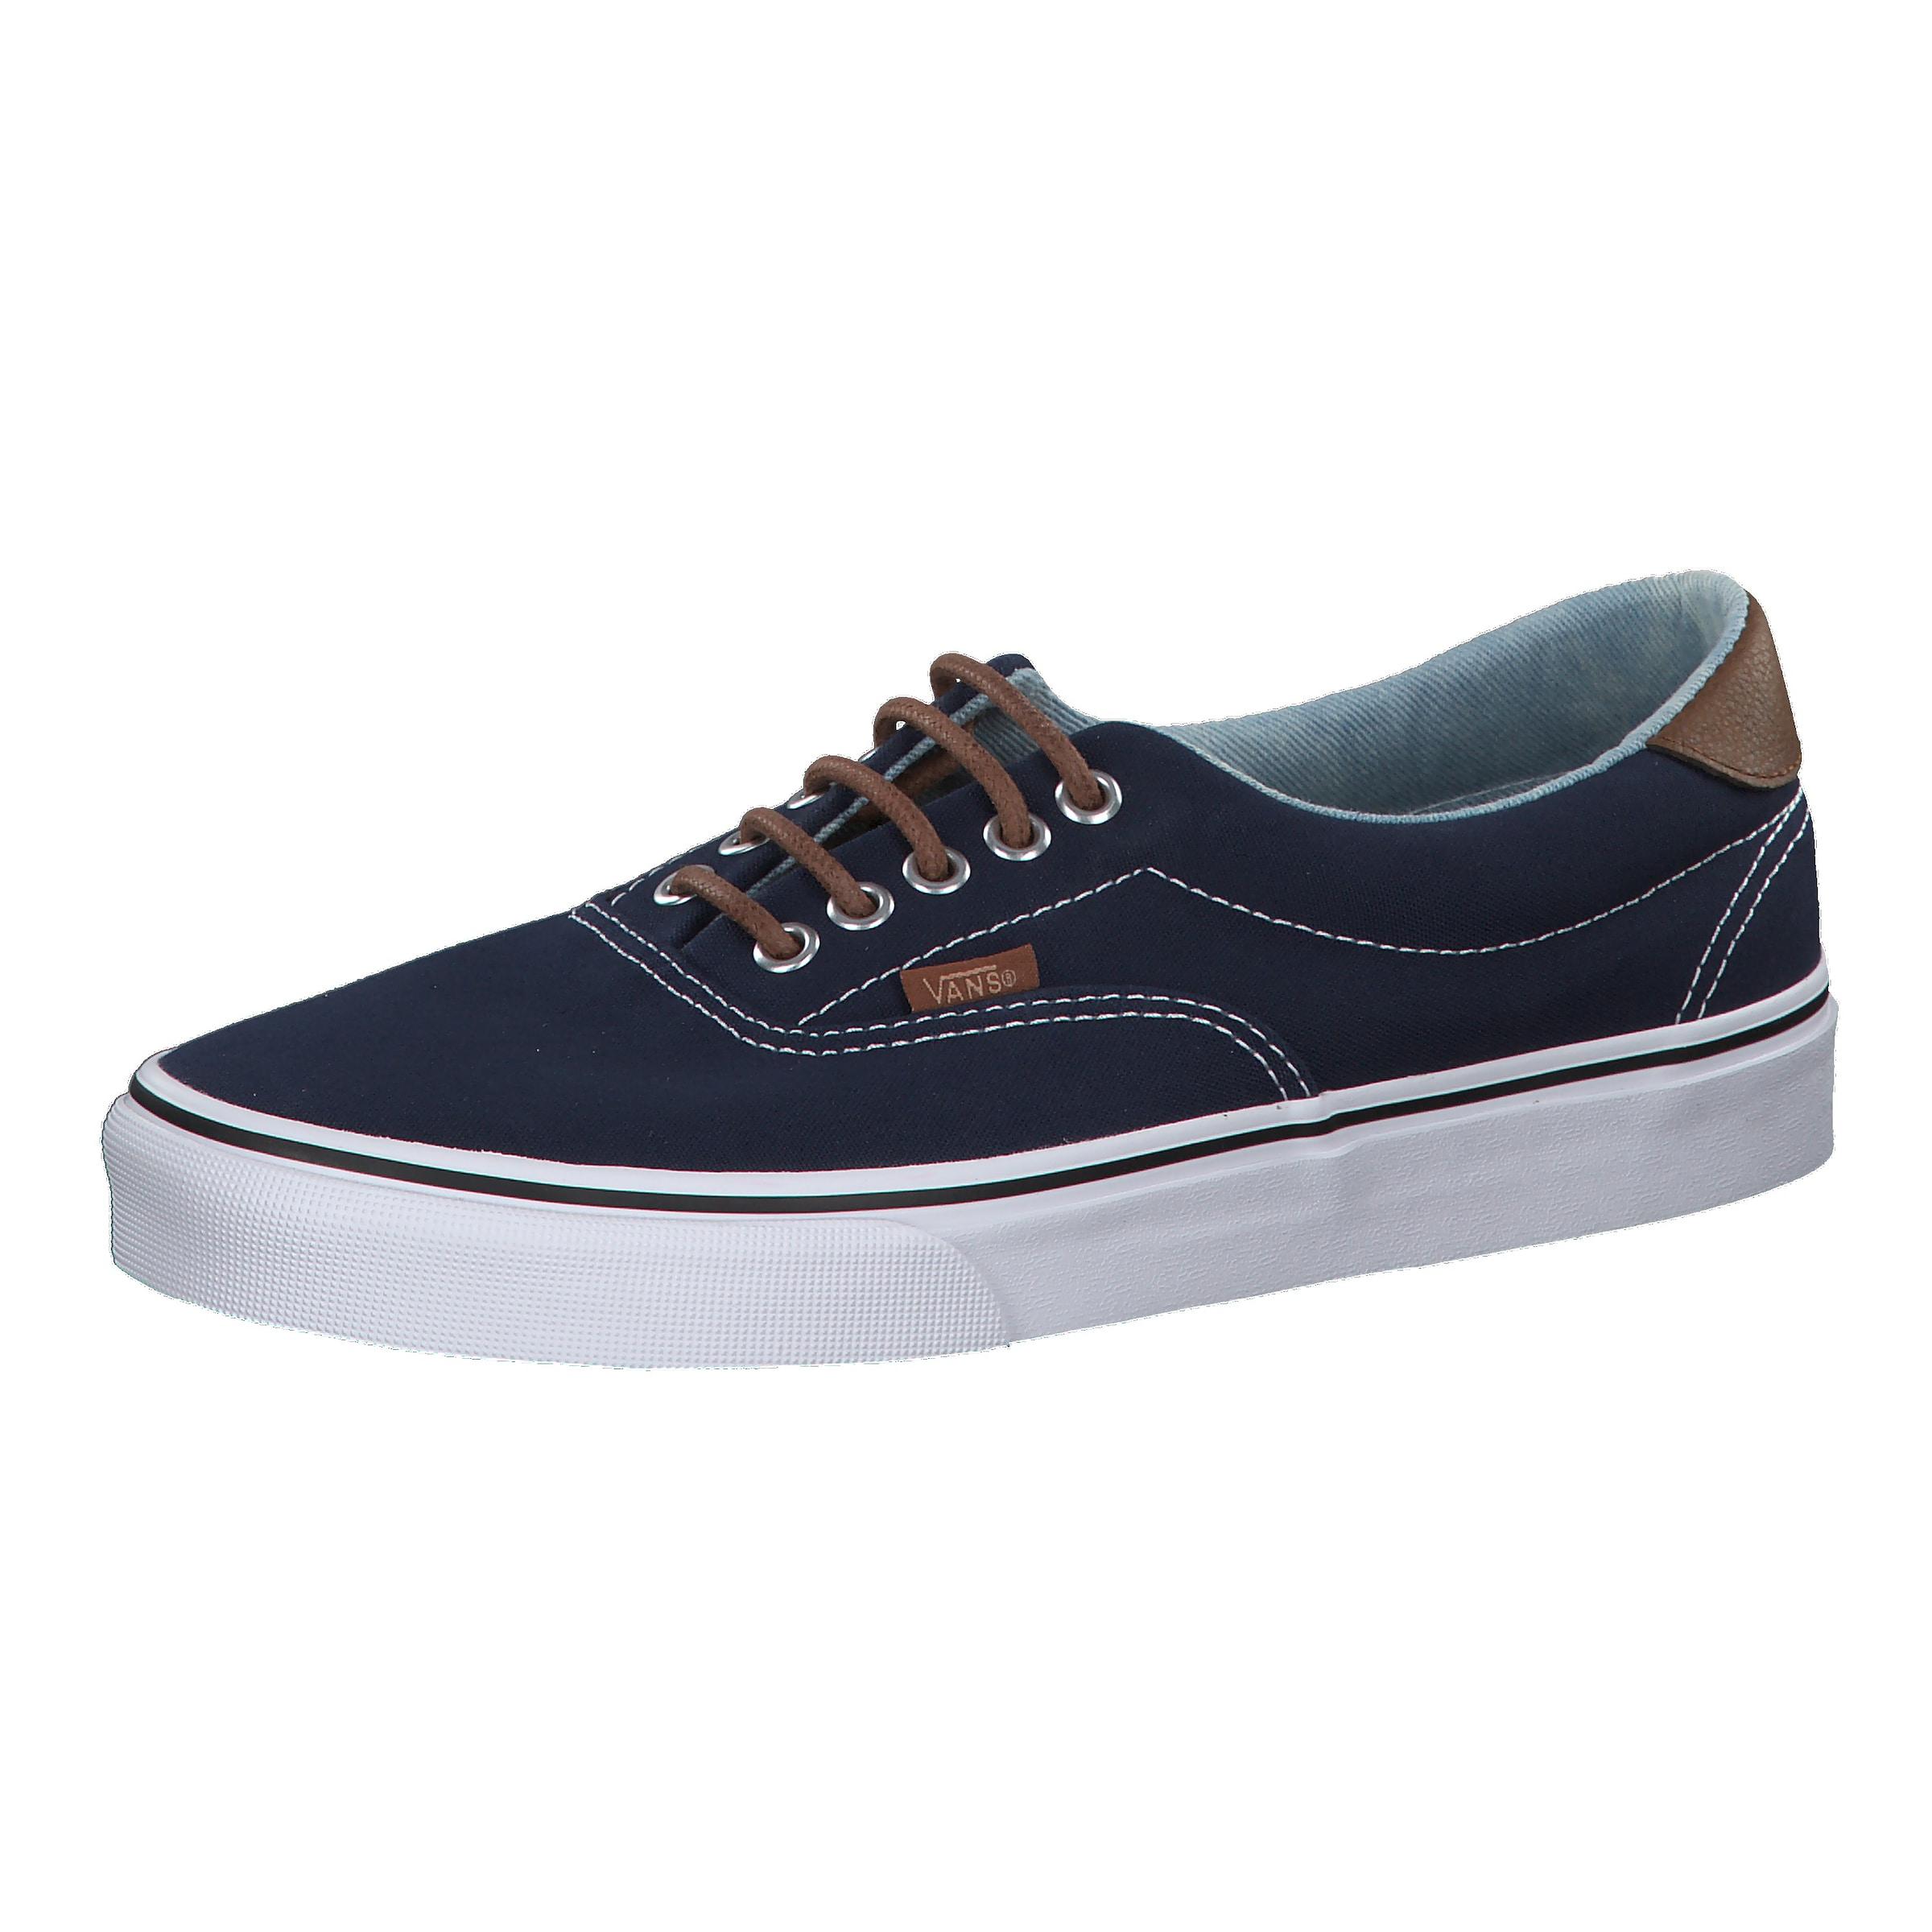 VANS Era Sneakers Verschleißfeste billige Schuhe